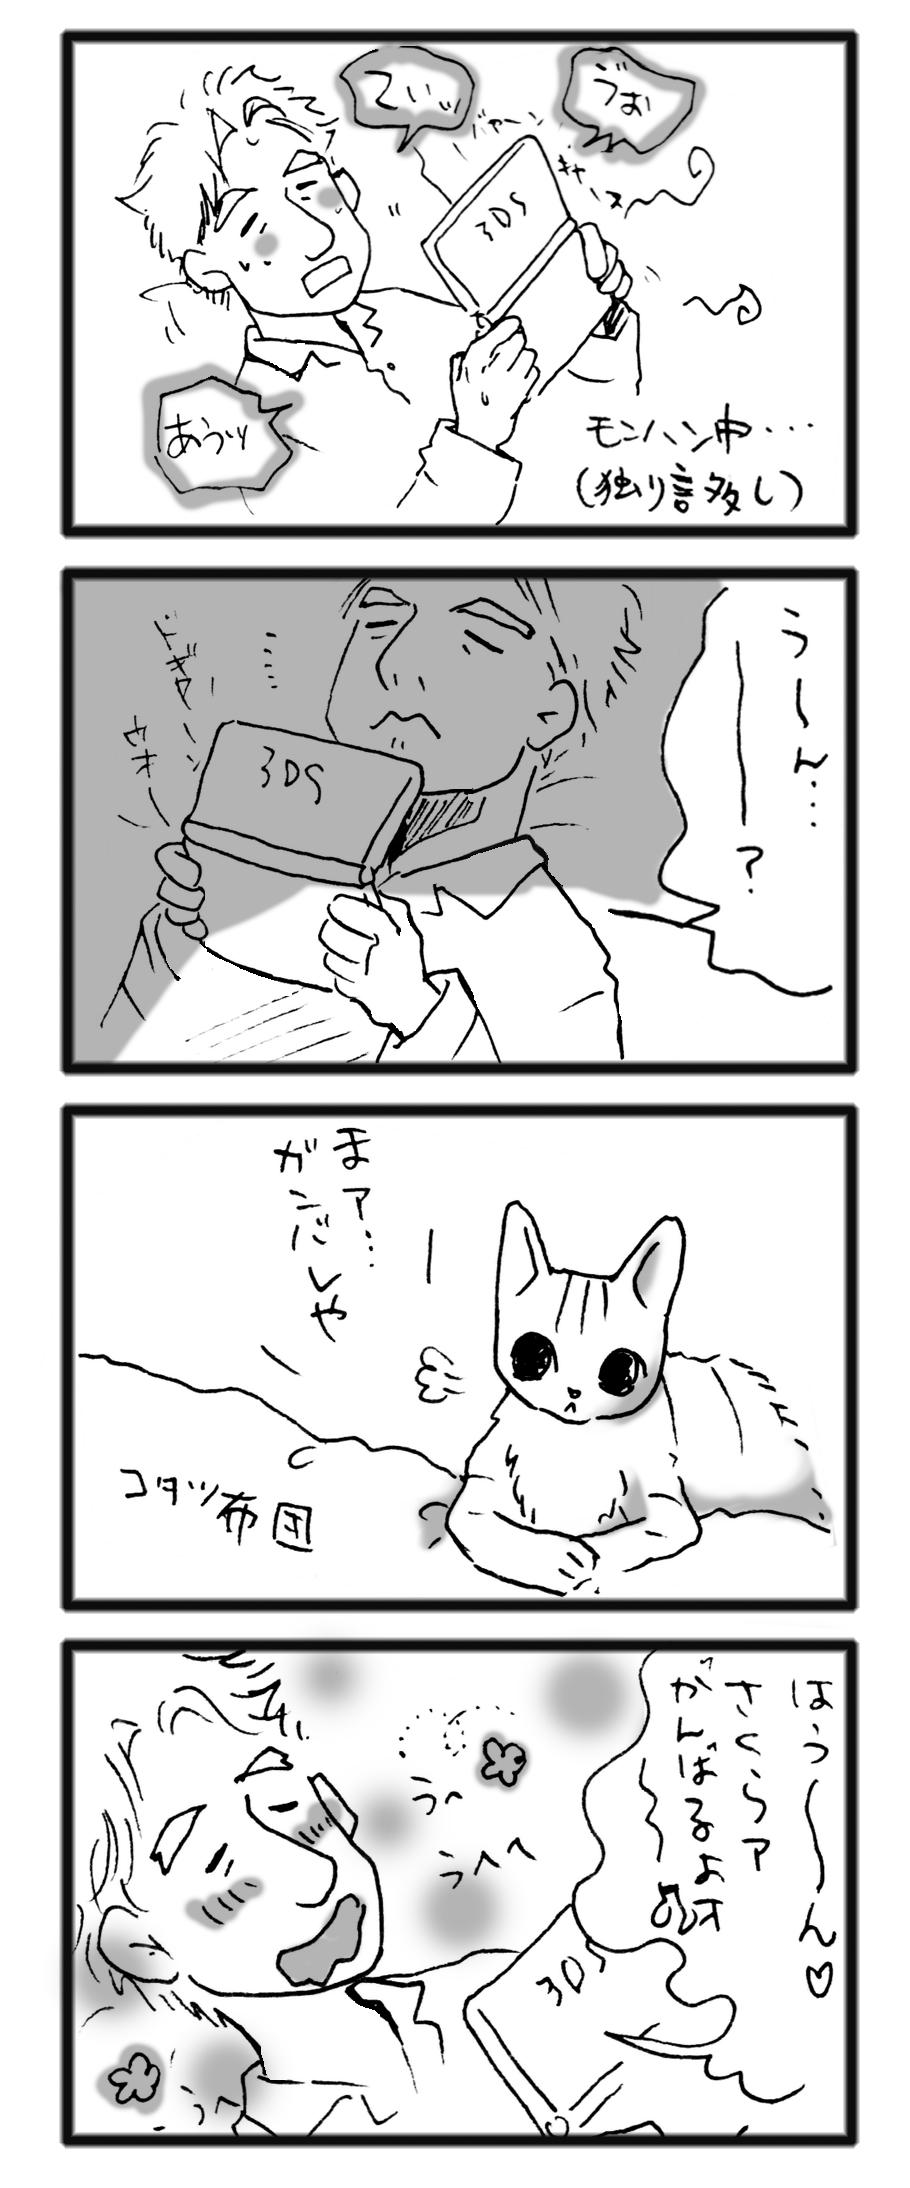 comic_13121901.jpg